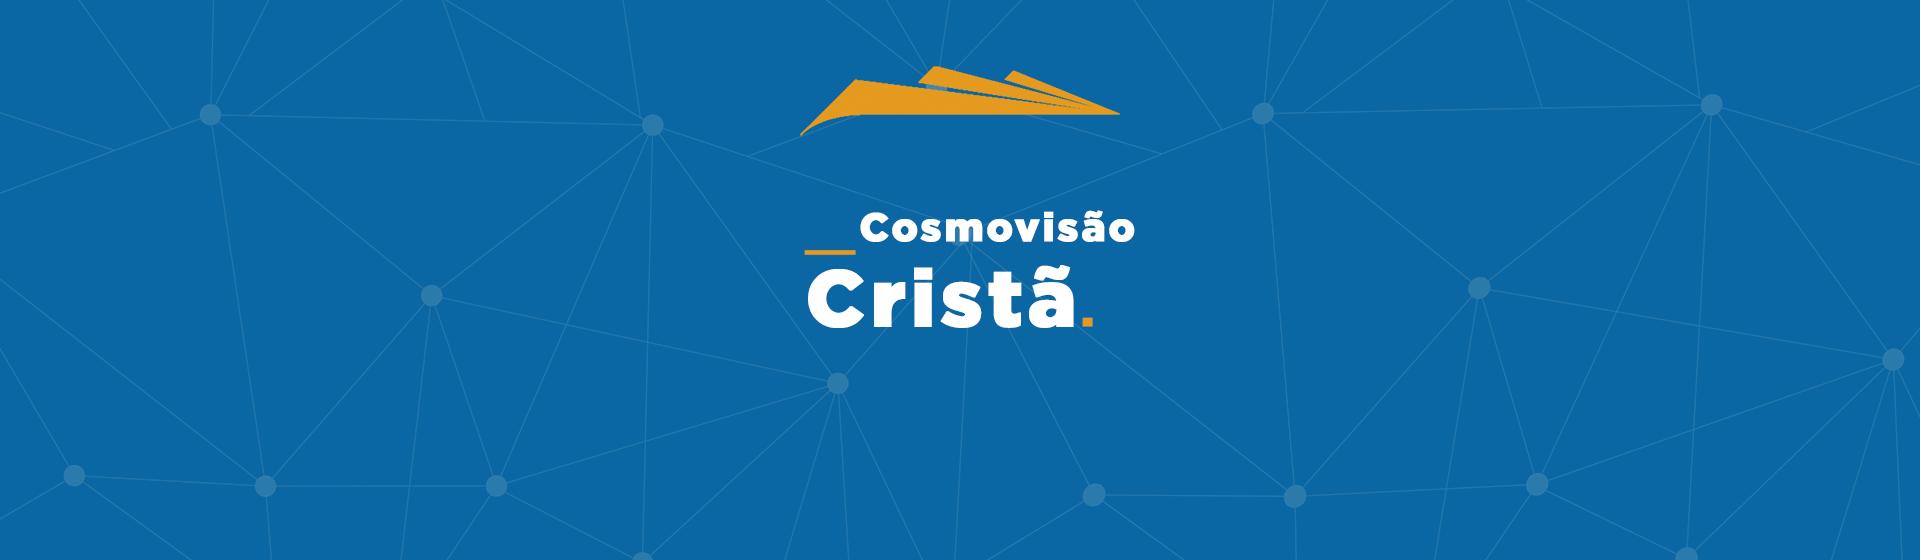 16 intro cosmovis%c3%a3o%2bcrist%c3%a3